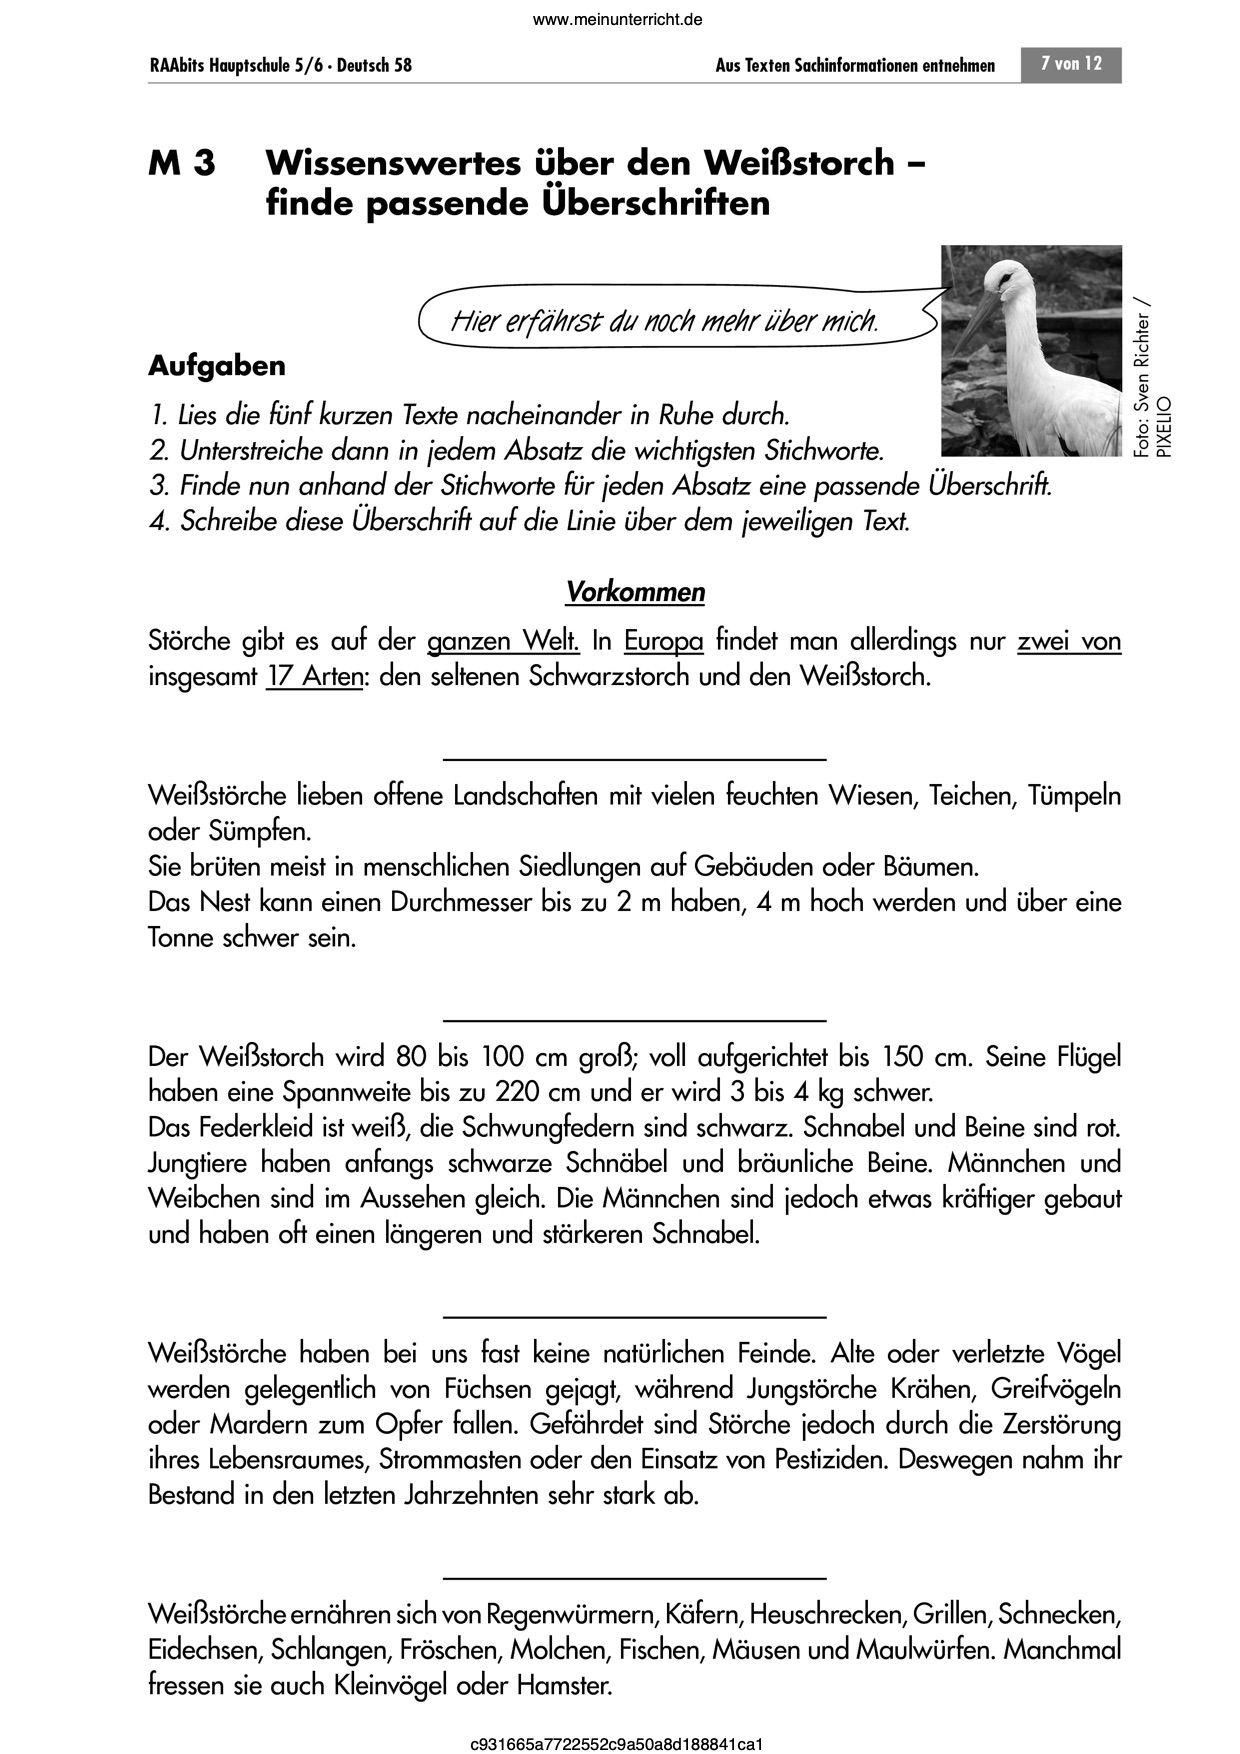 Sachtexte Arbeitsblatter Fur Deutsch Meinunterricht In 2020 Deutsch Genaues Lesen Lesekompetenz